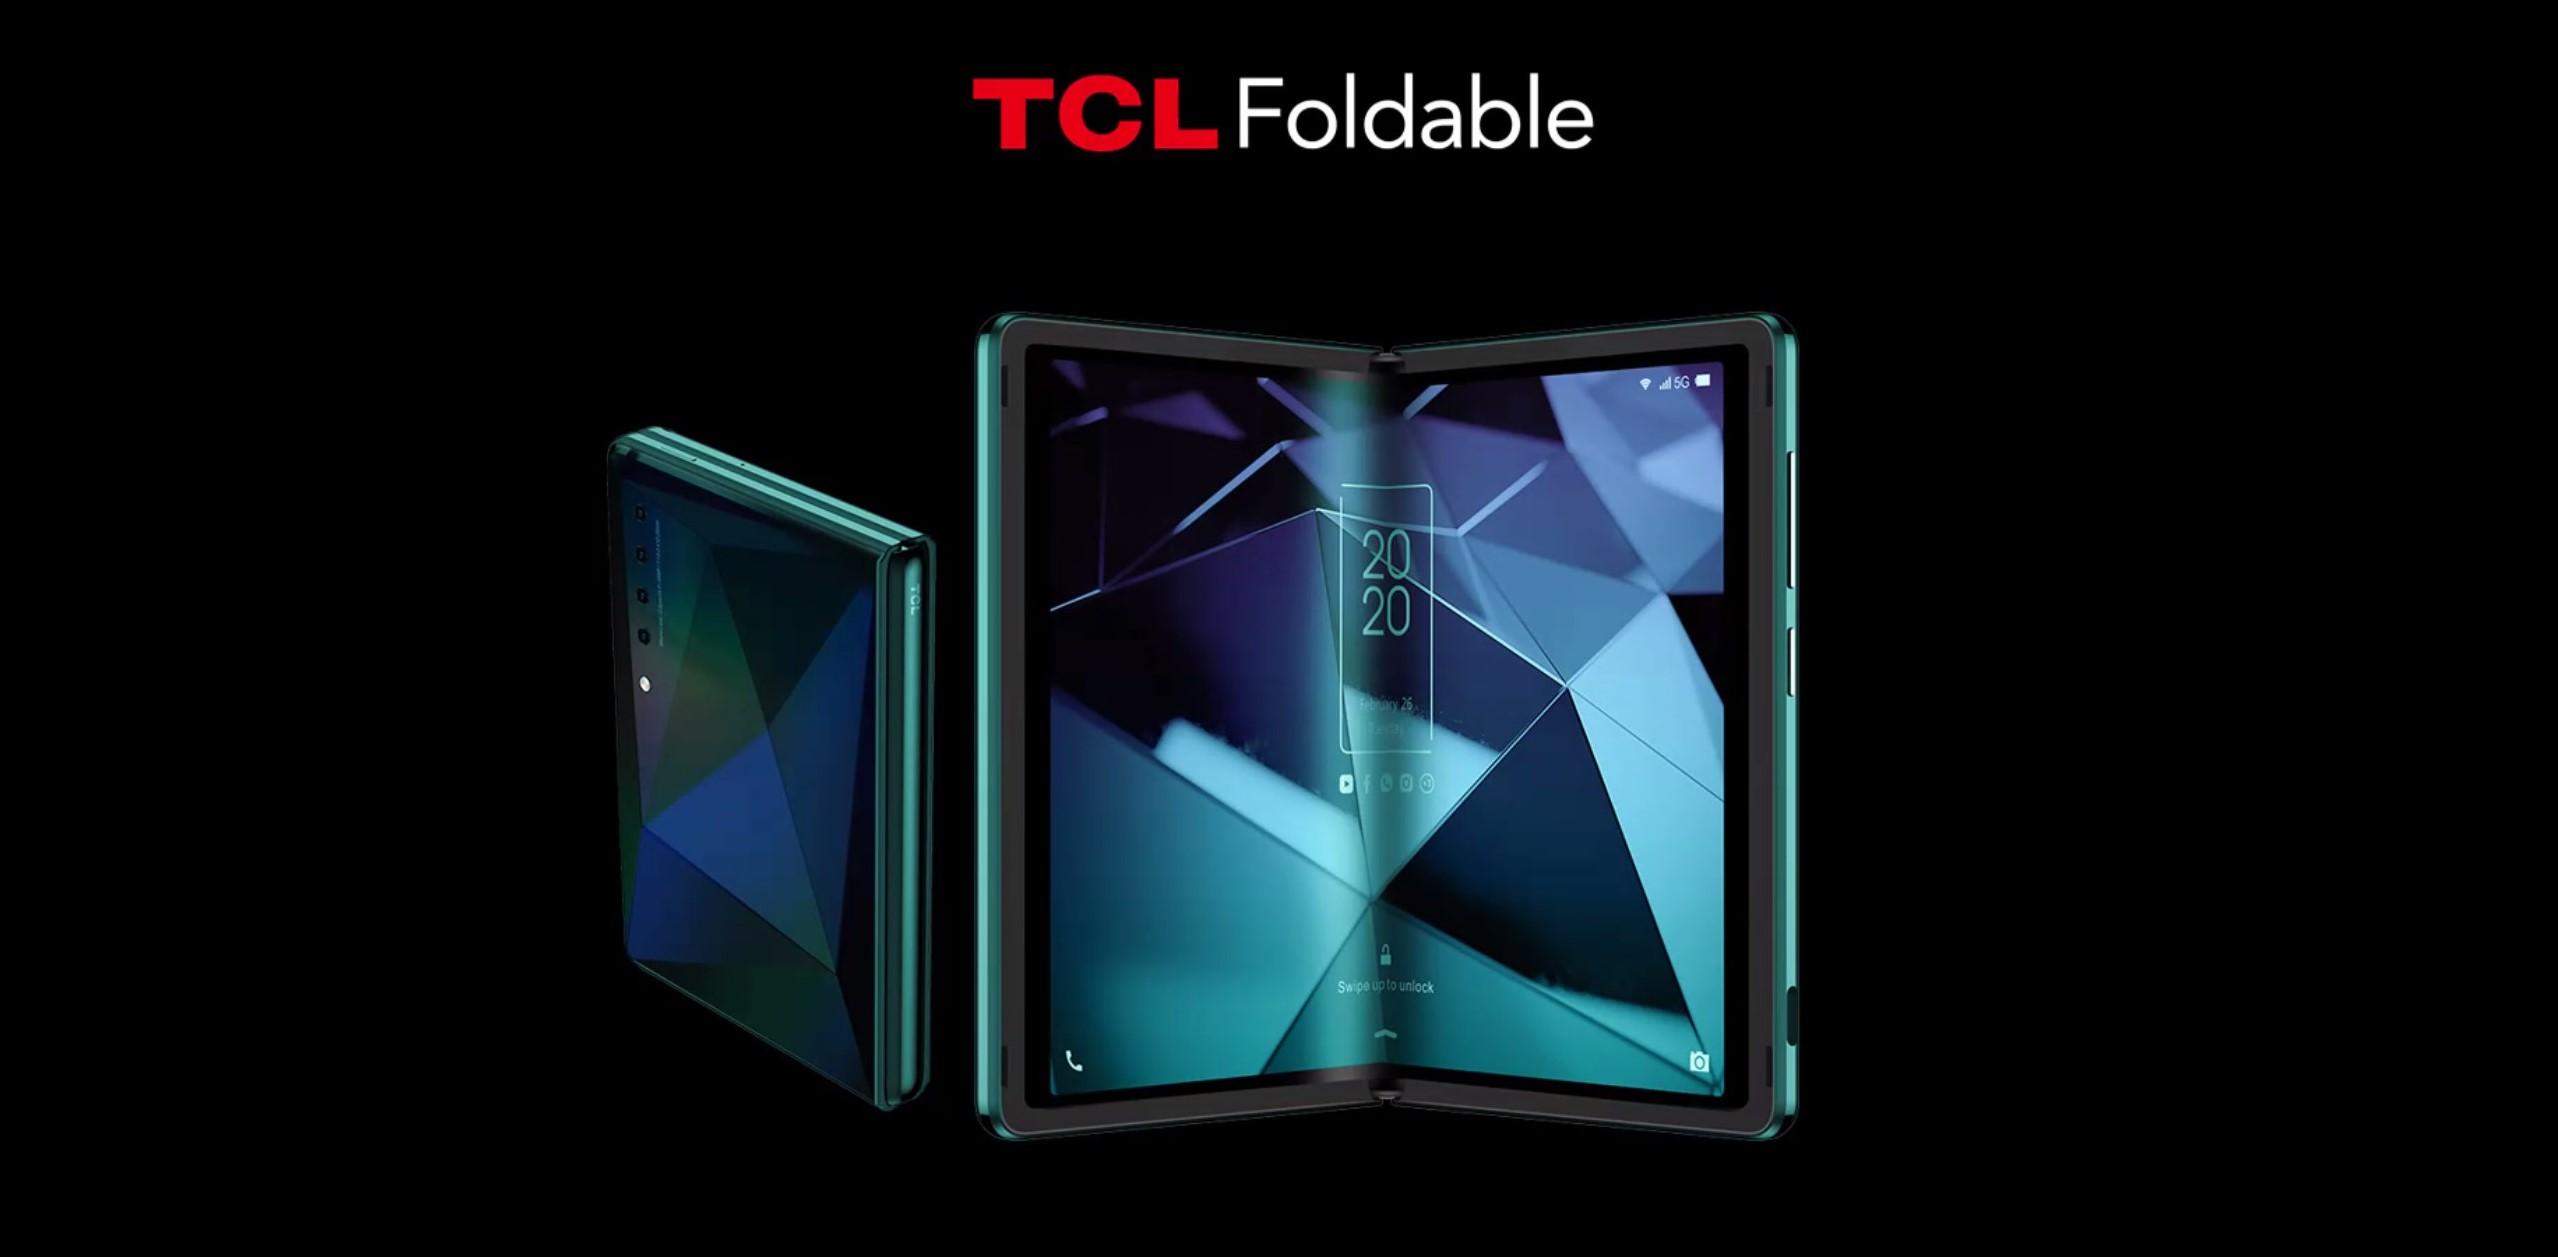 Pokazali go na żywo - smartfon TCL z rozwijanym ekranem rzeczywiście istnieje 21